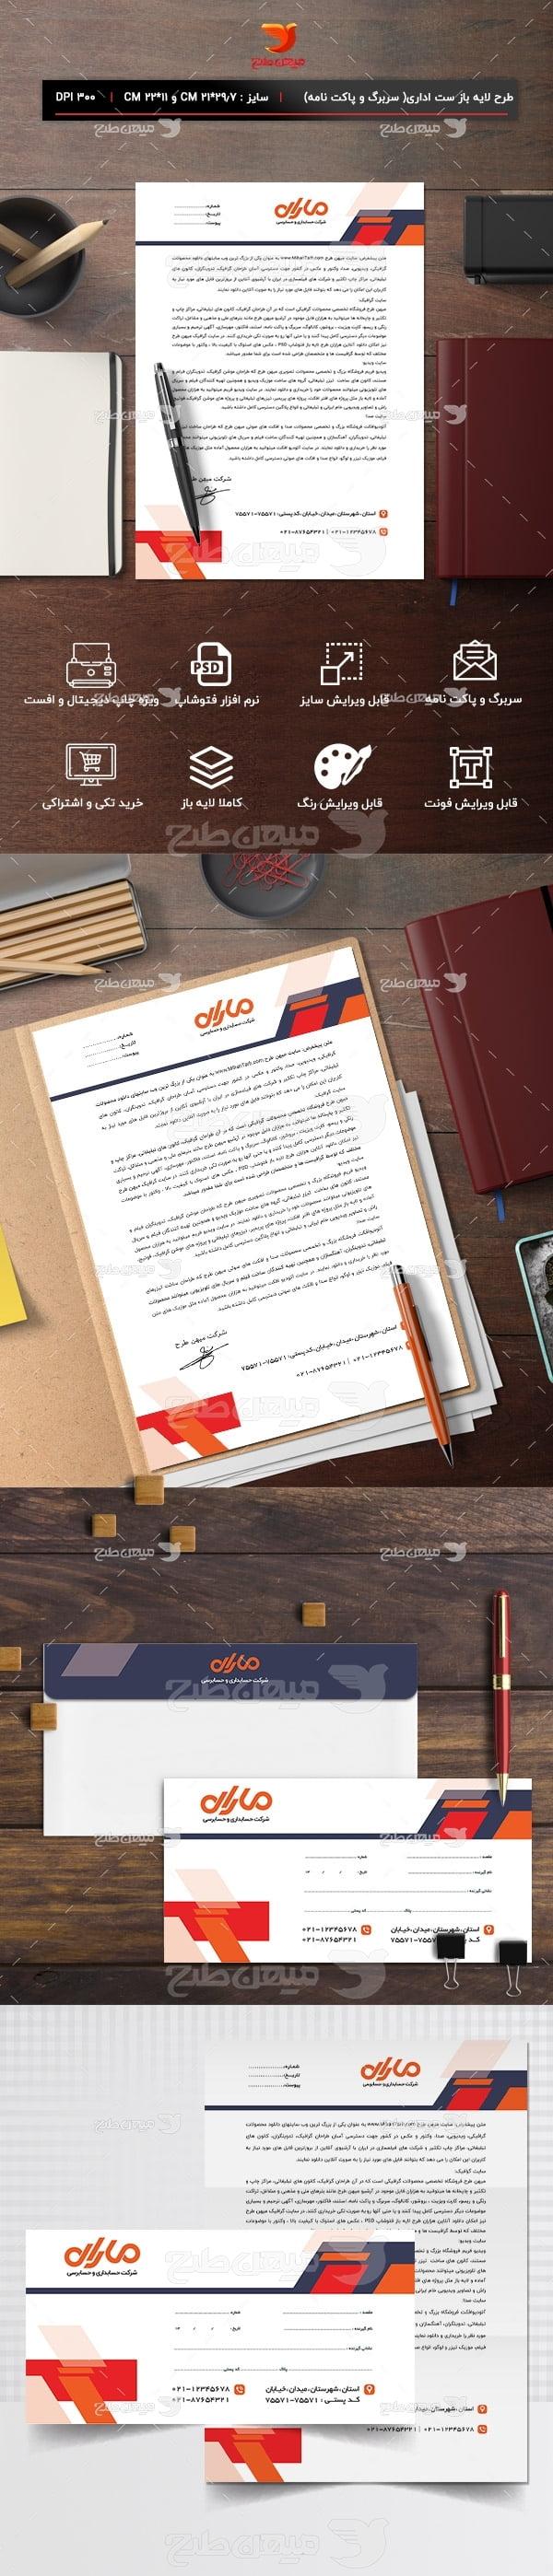 طرح لایه باز ست اداری شرکت حسابداری و حسابرسی